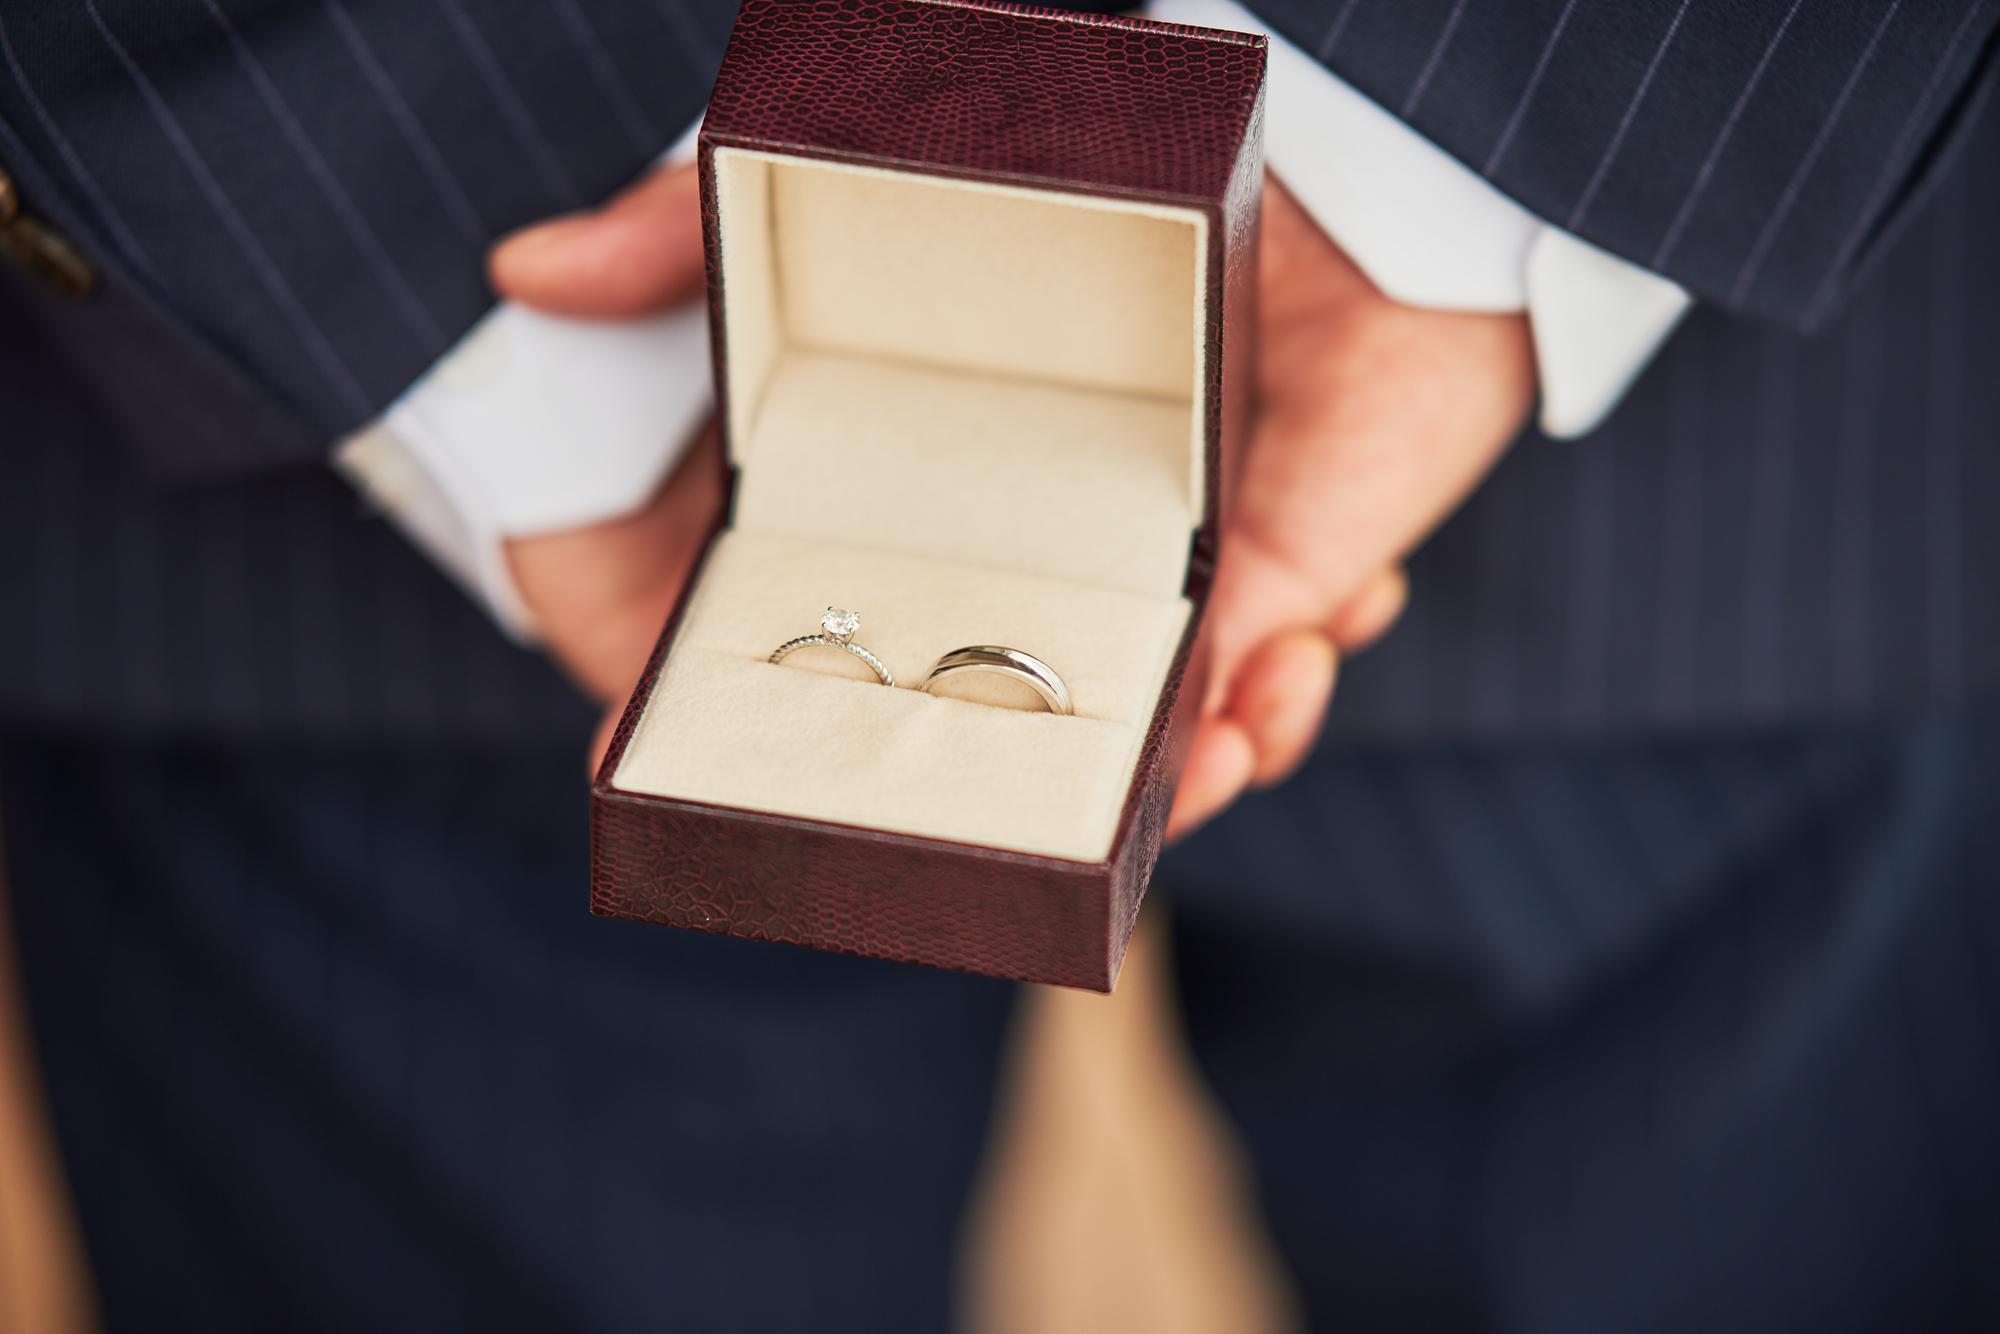 婚約指輪は男性も楽しむが流行の兆し!指輪の選び方からプレゼント方法まで